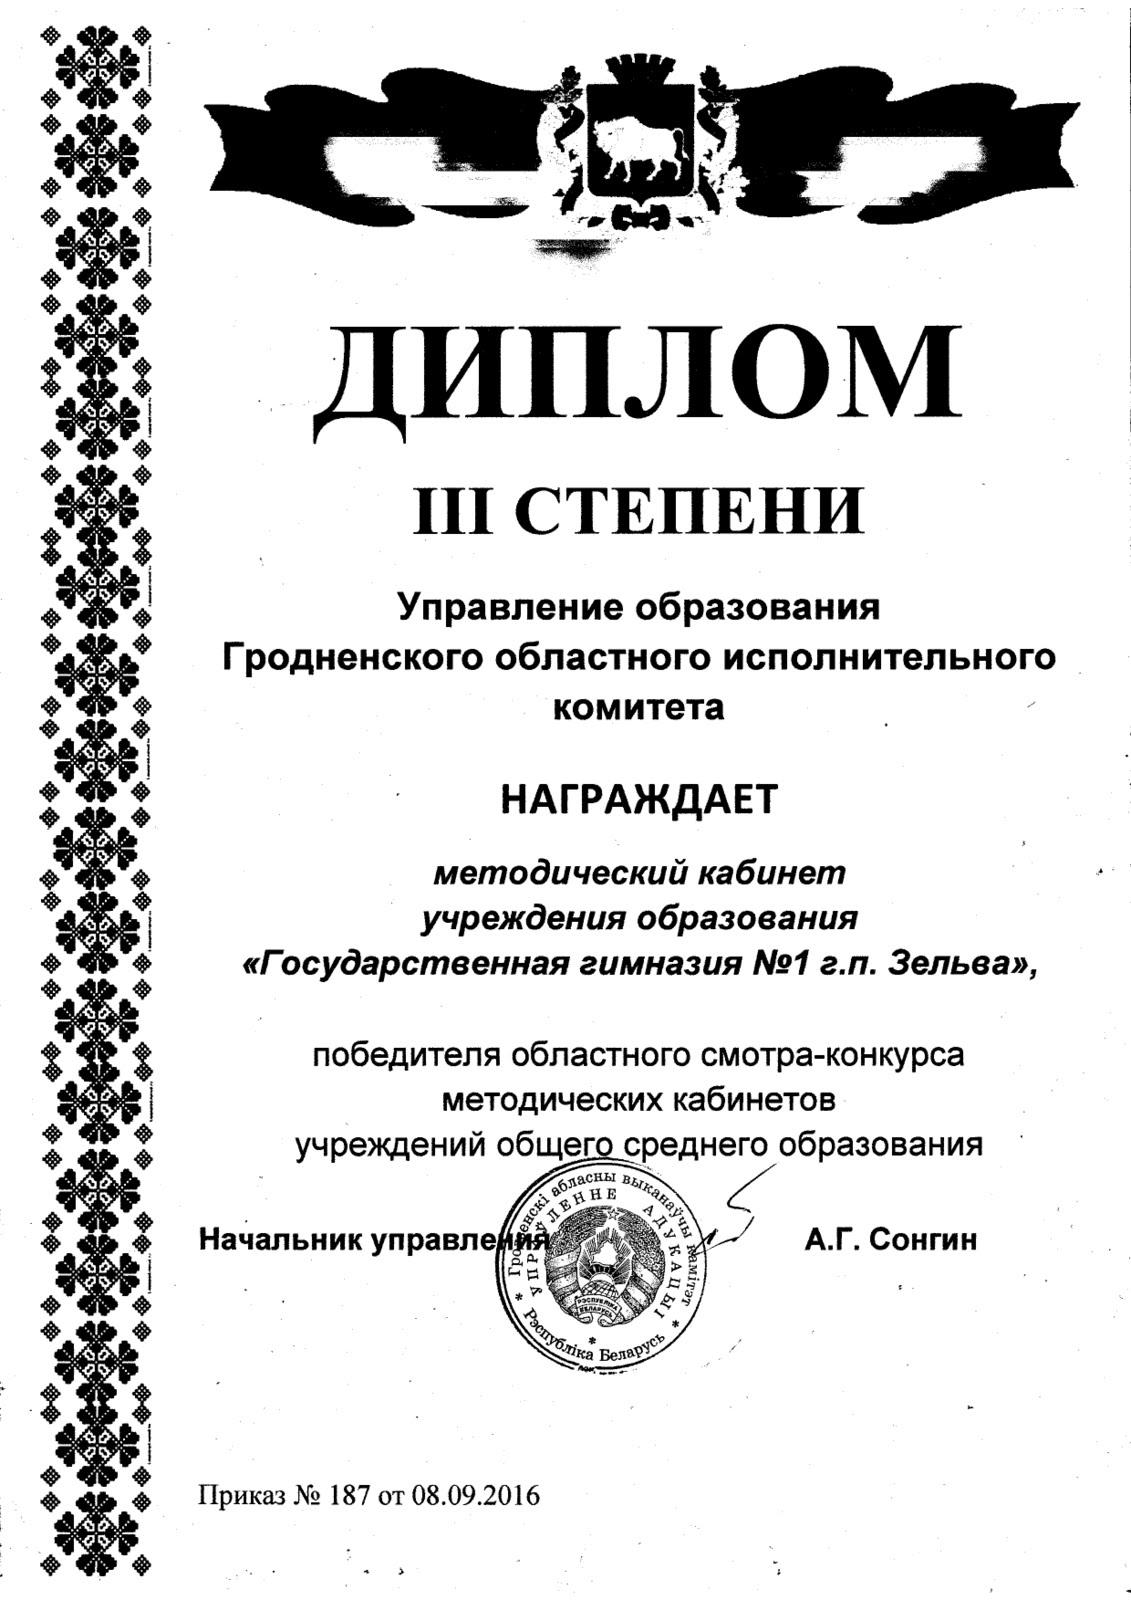 КОНКУРС МЕТОДИЧЕСКИХ КАБИНЕТОВ